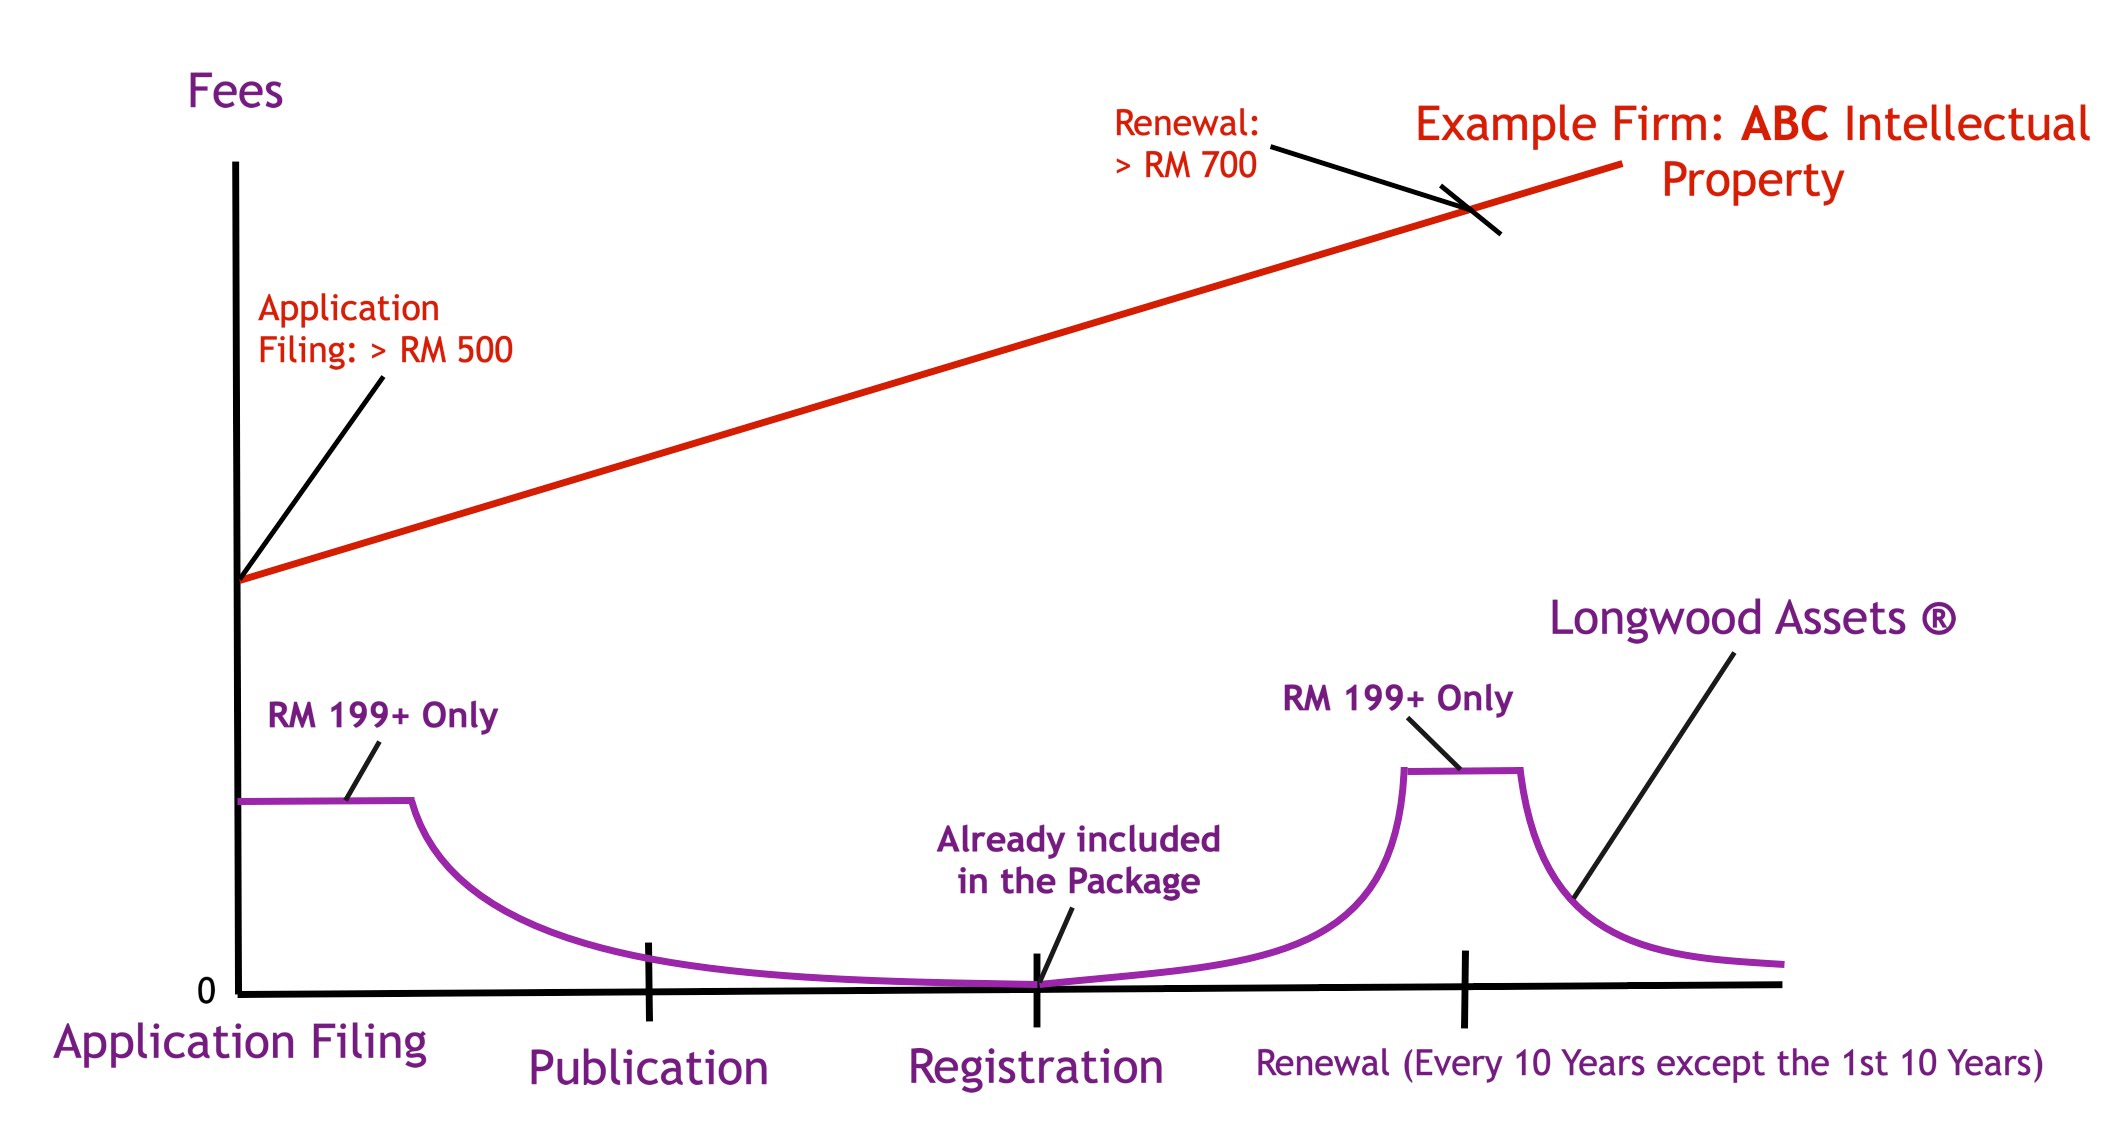 Trademark Costs (Application - Registration)